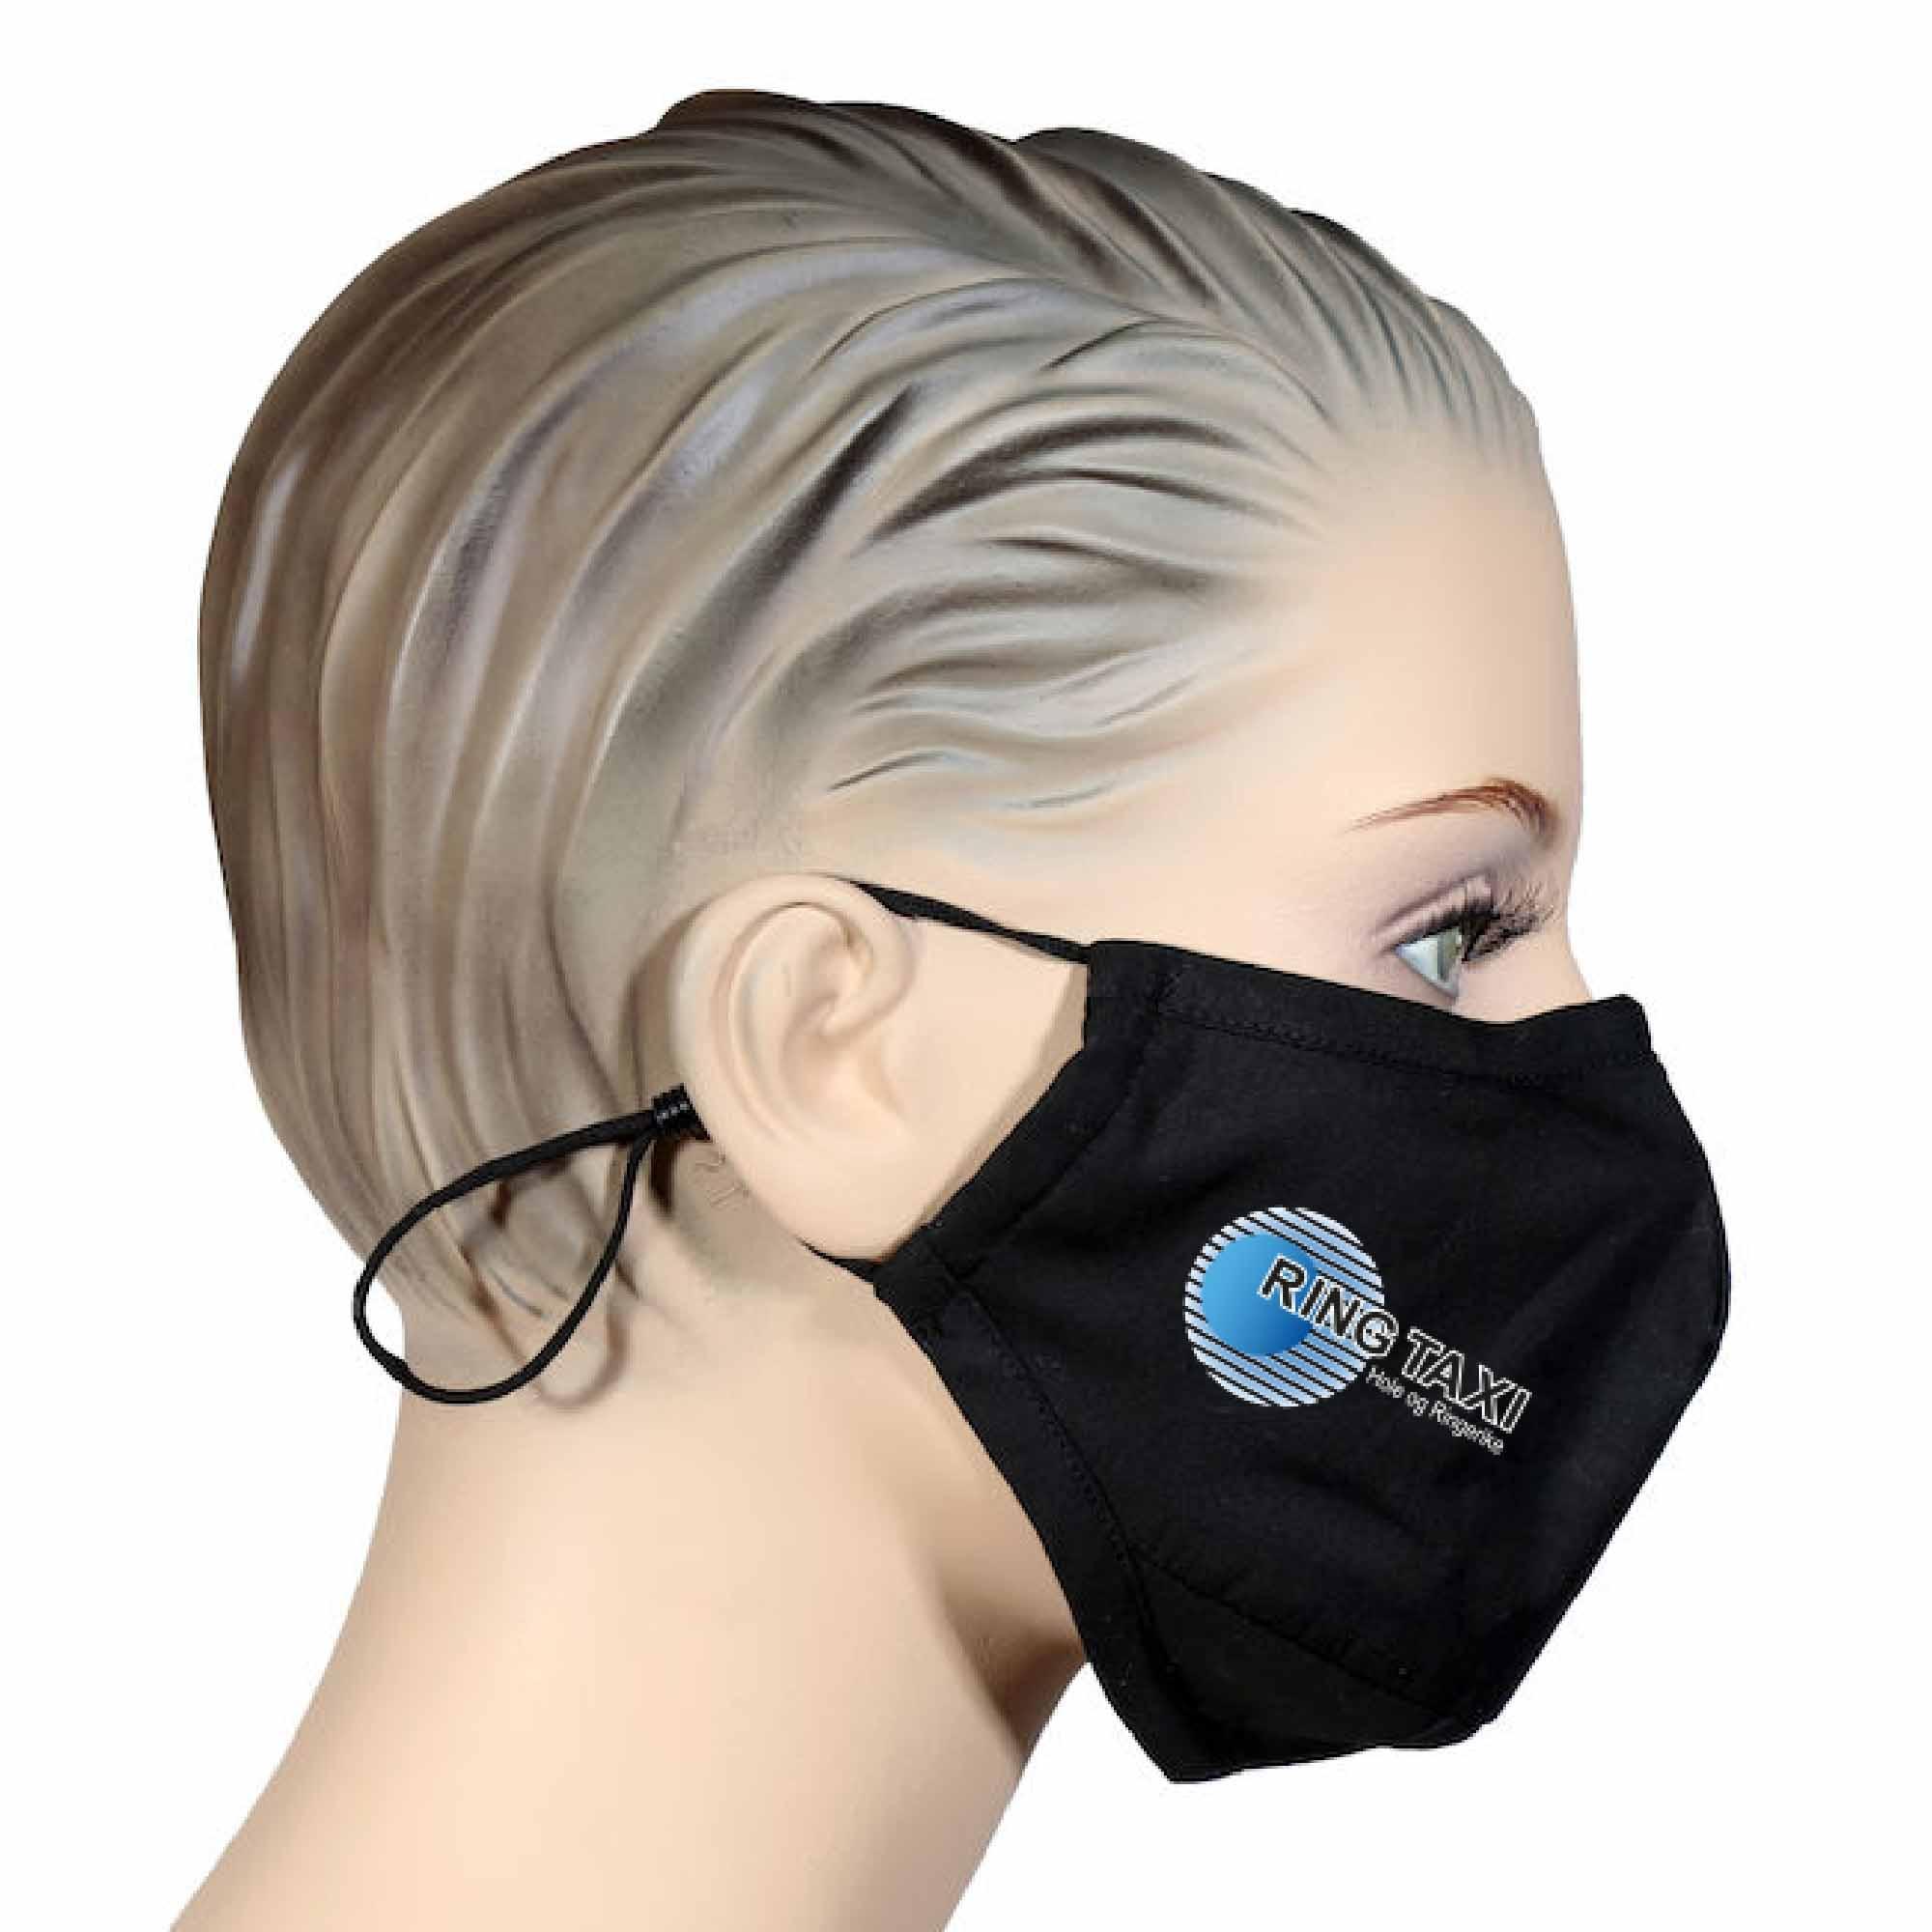 Ansiktsmaske m logotrykk